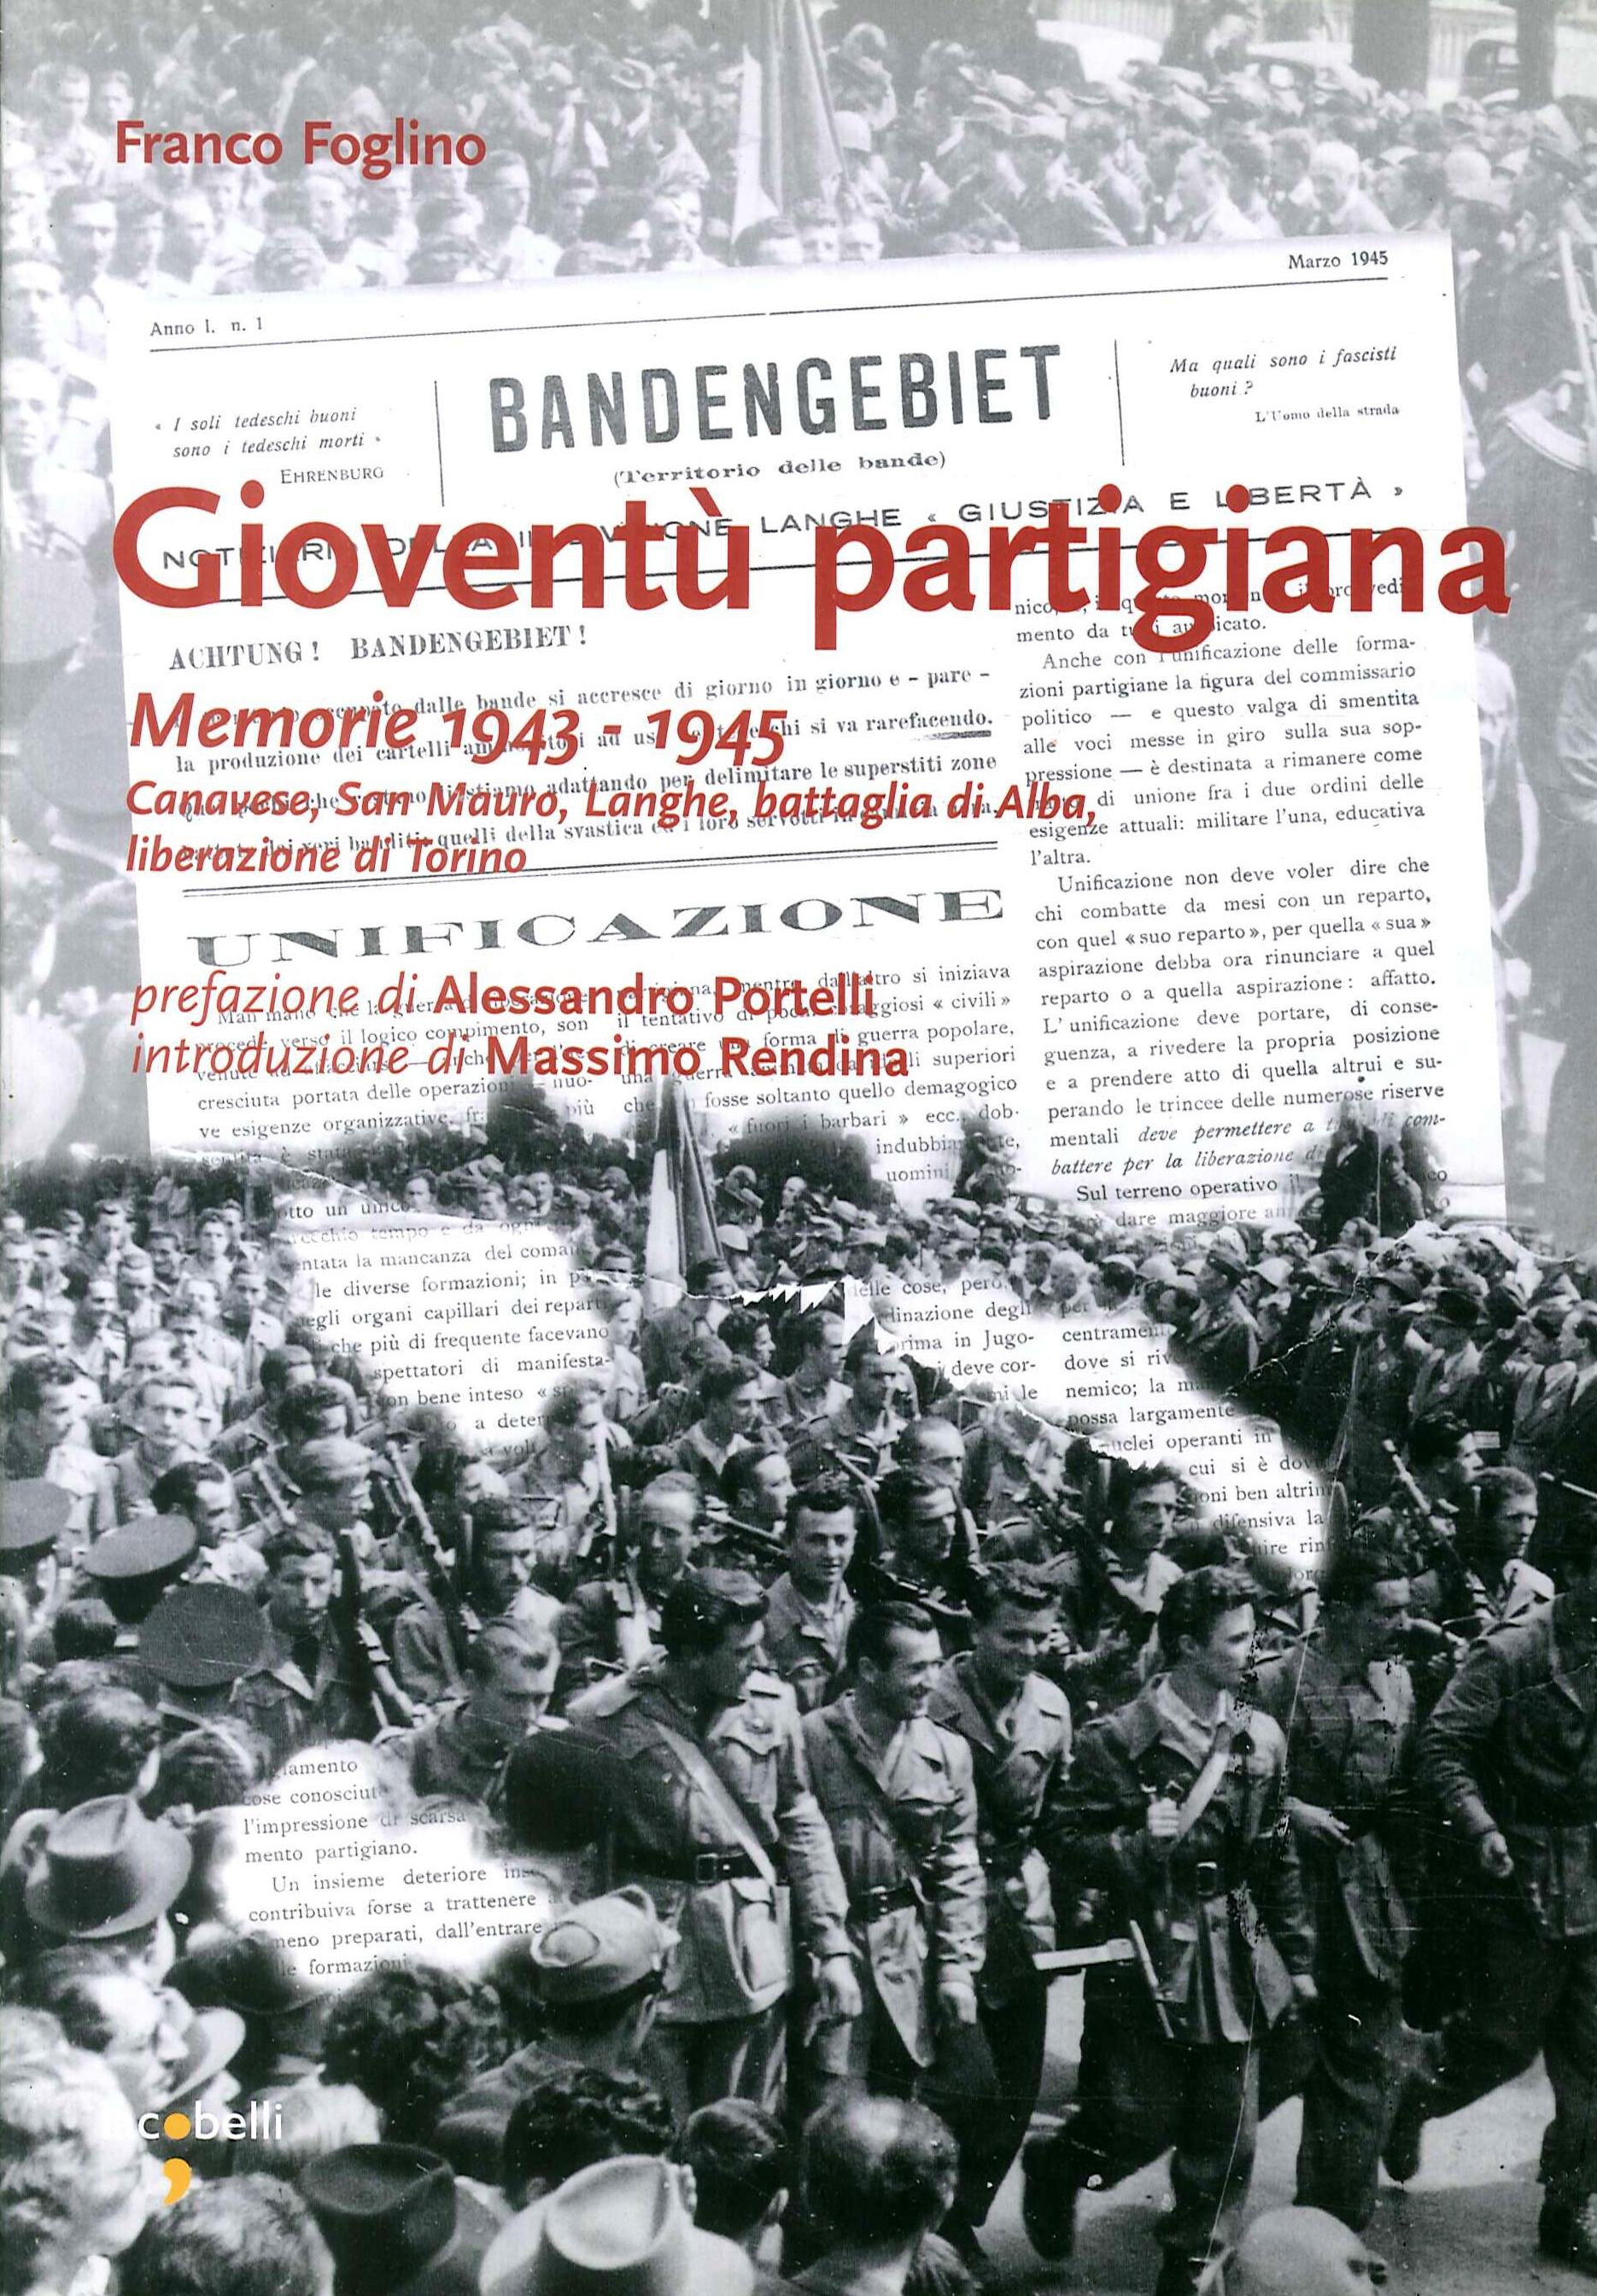 Gioventù Partigiana. Memorie 1943-1945. Canavese, San Mauro, Langhe, Battaglia di Alba, Liberazione di Torino.